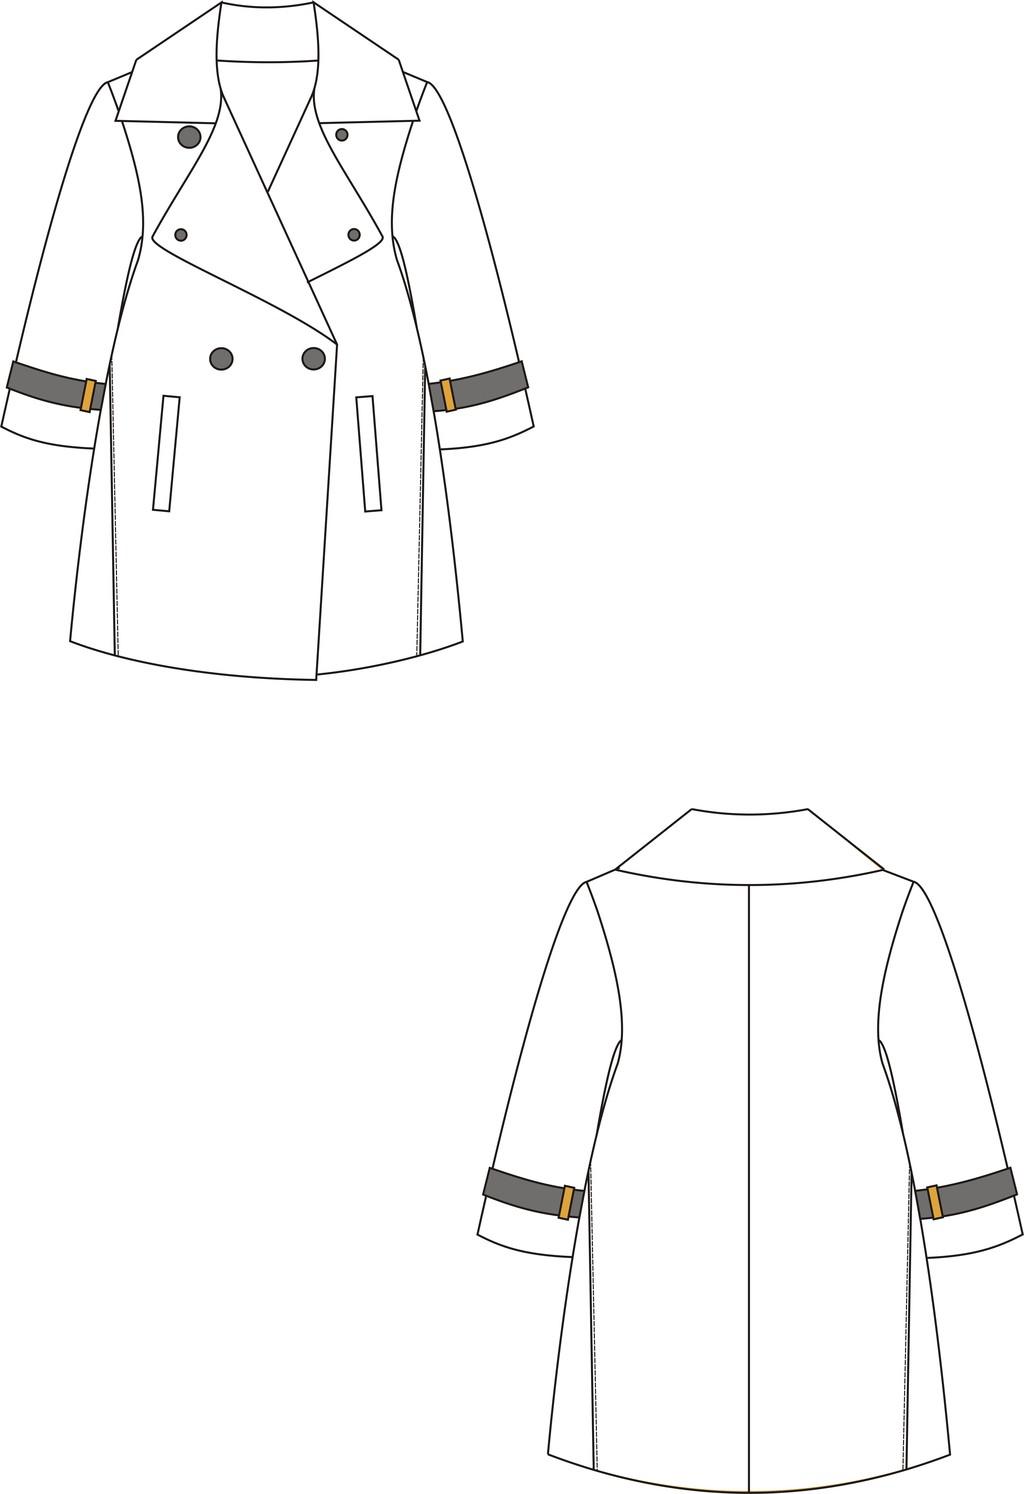 服装设计 女装设计 上装设计 > 简单的女装风衣设计  下一张&gt